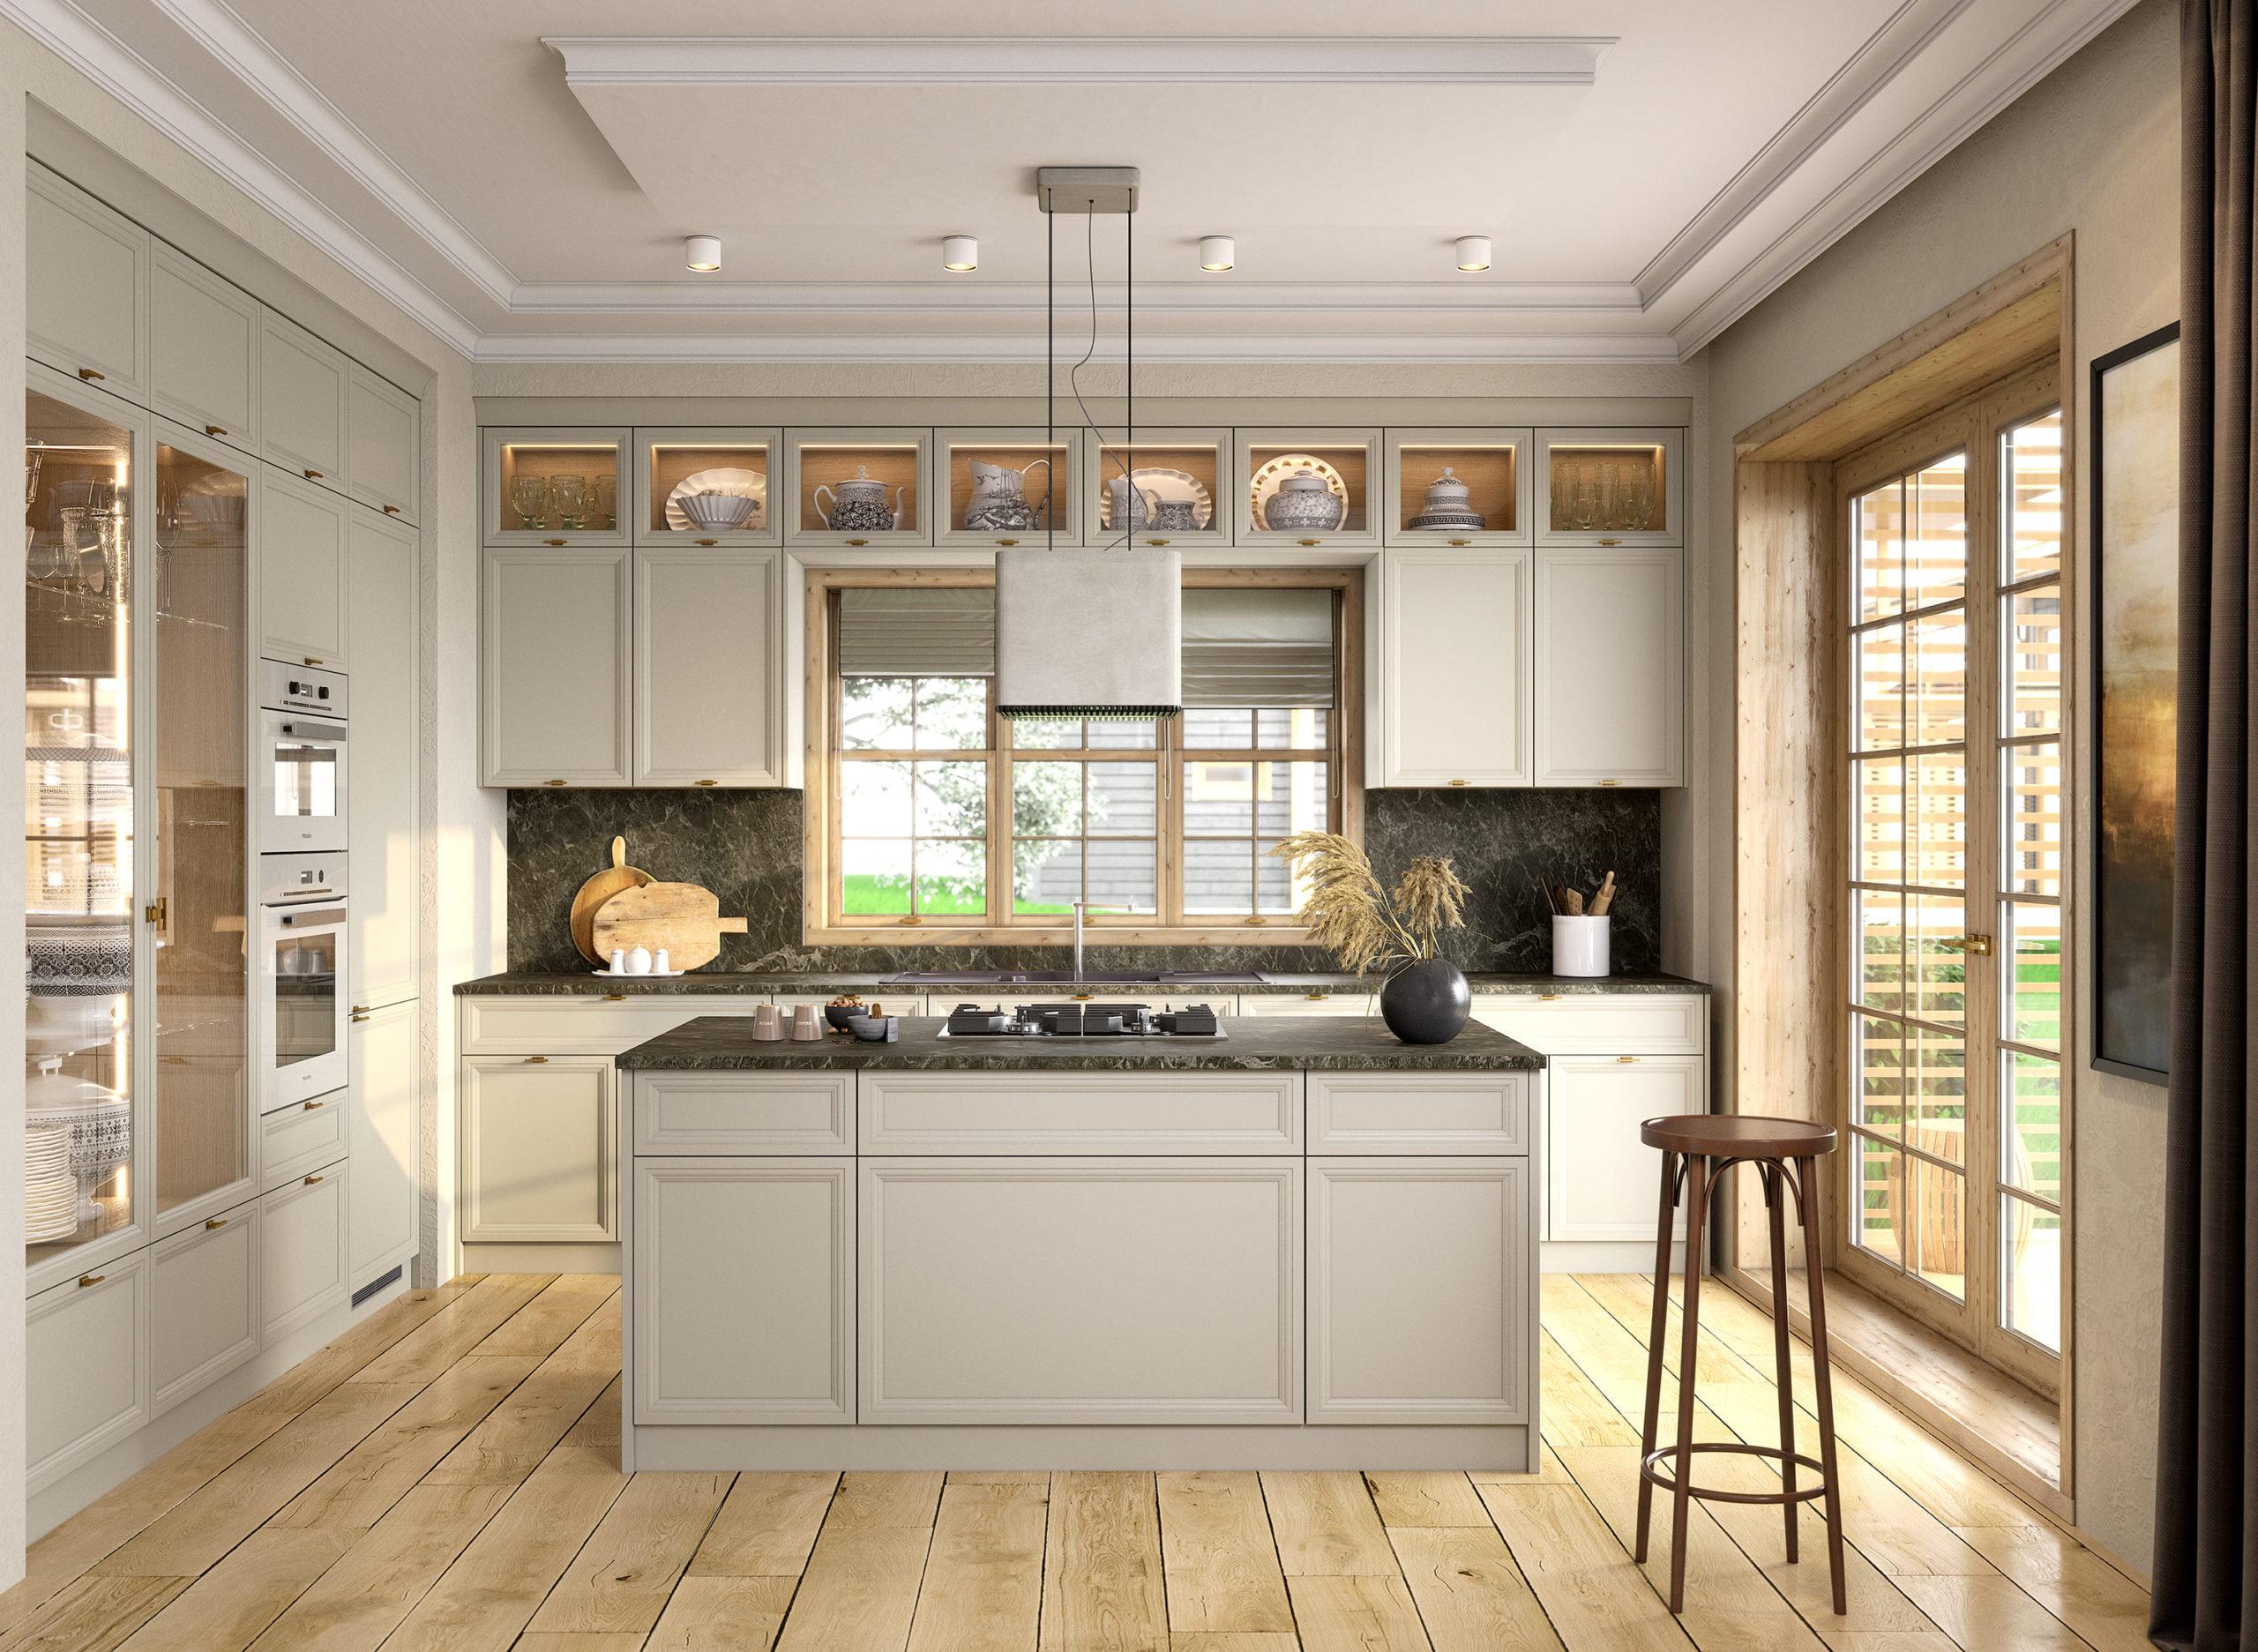 Кухня Interium Модерн.130 - в светлых тонах